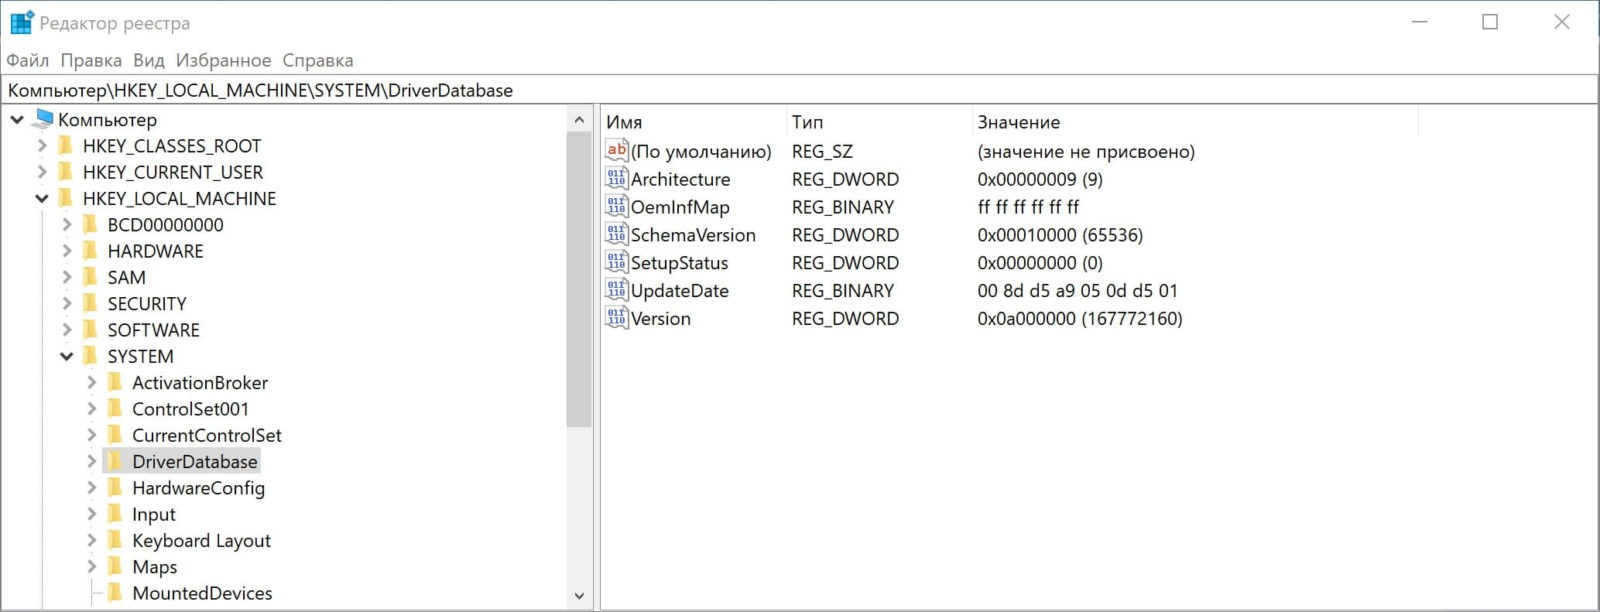 Пример иерархической БД - реестр Windows